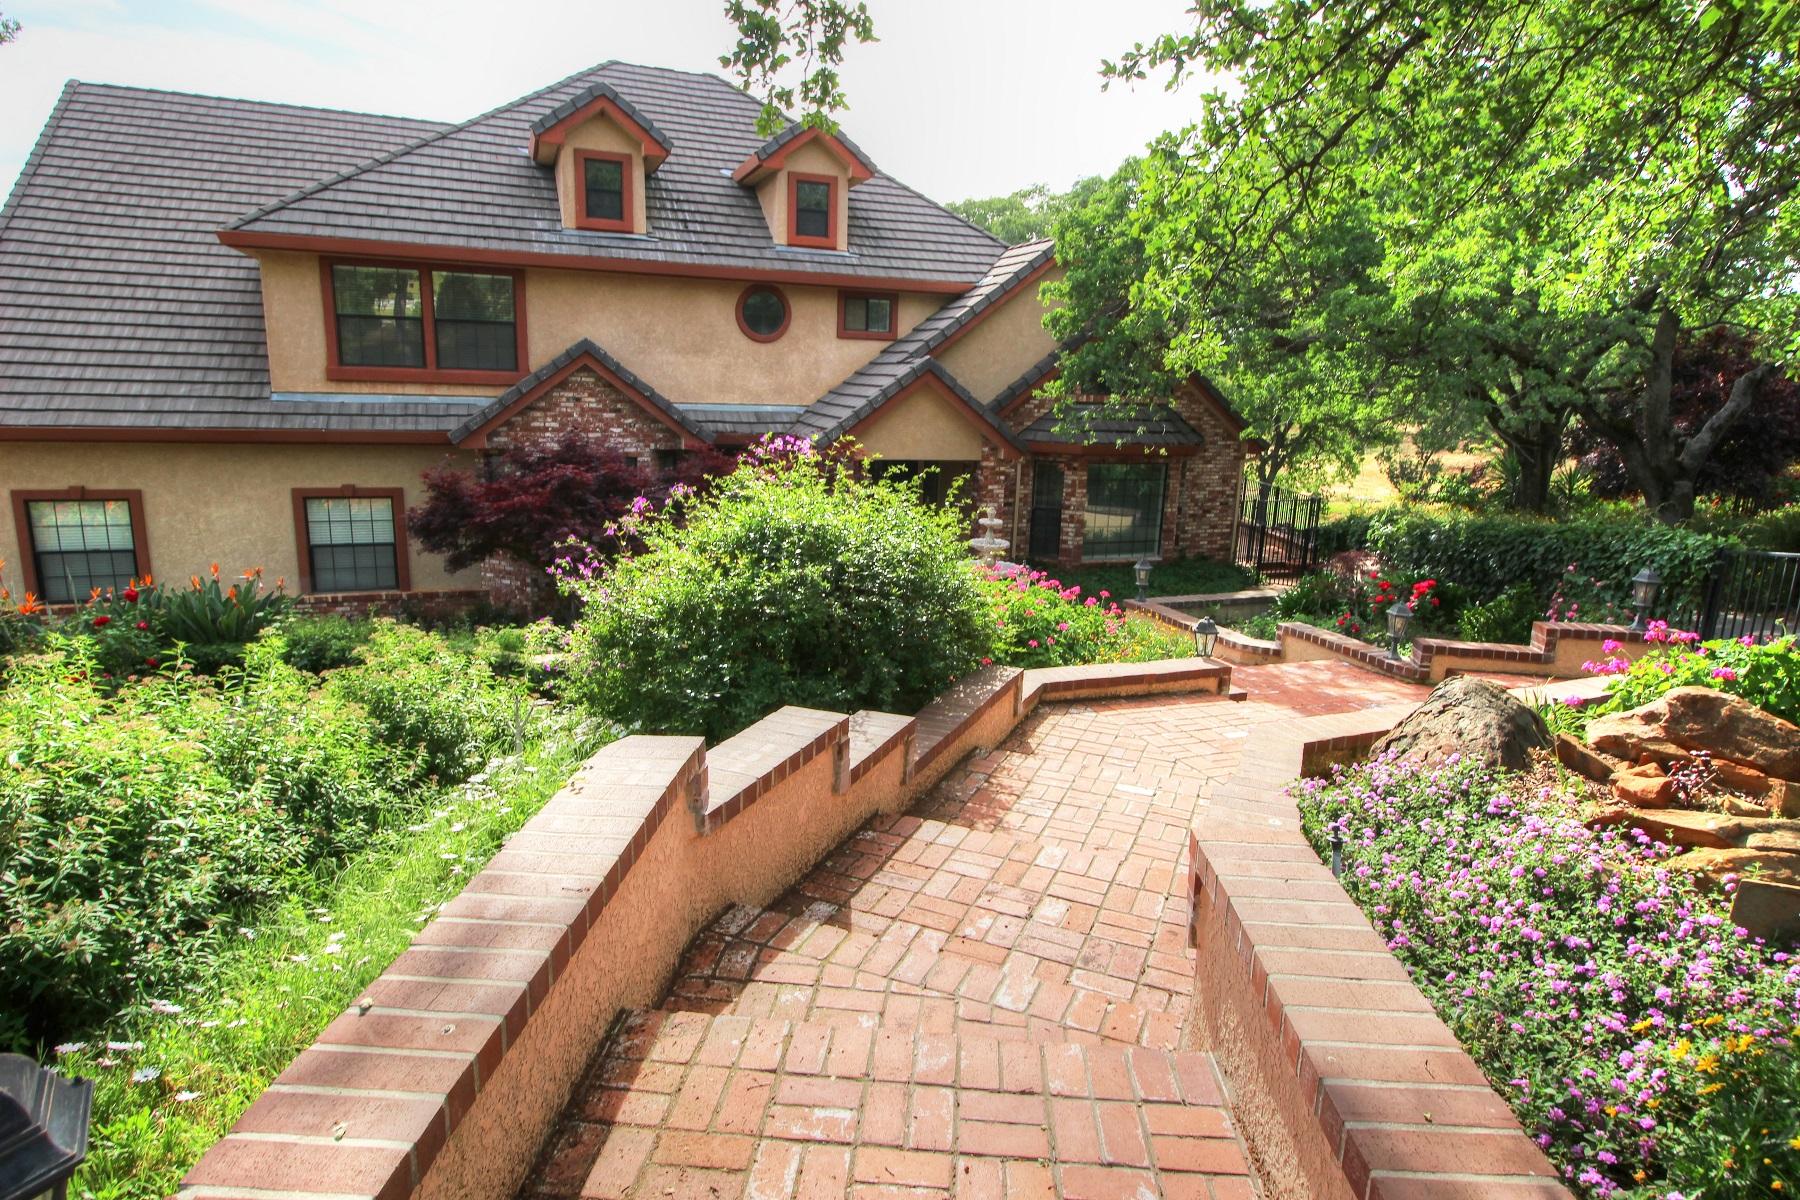 一戸建て のために 売買 アット 1780 Dove Tail Lane, El Dorado Hills, CA 95762 El Dorado Hills, カリフォルニア 95762 アメリカ合衆国